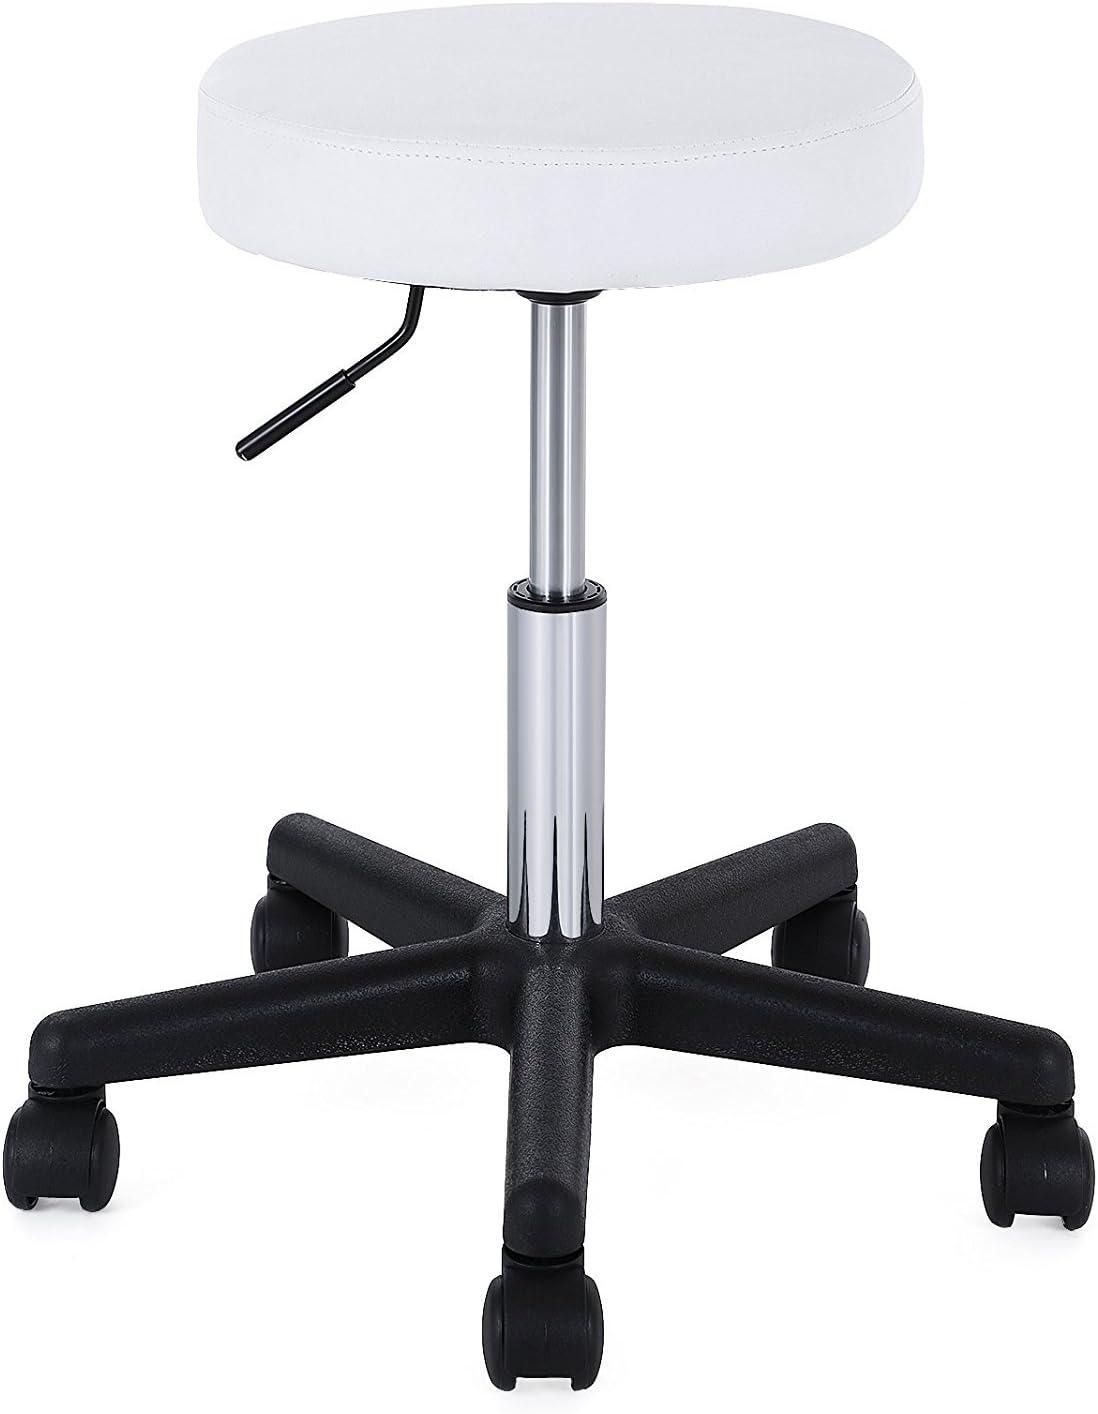 La sedia spagnola Sgabello 35x35x63 cm bianco